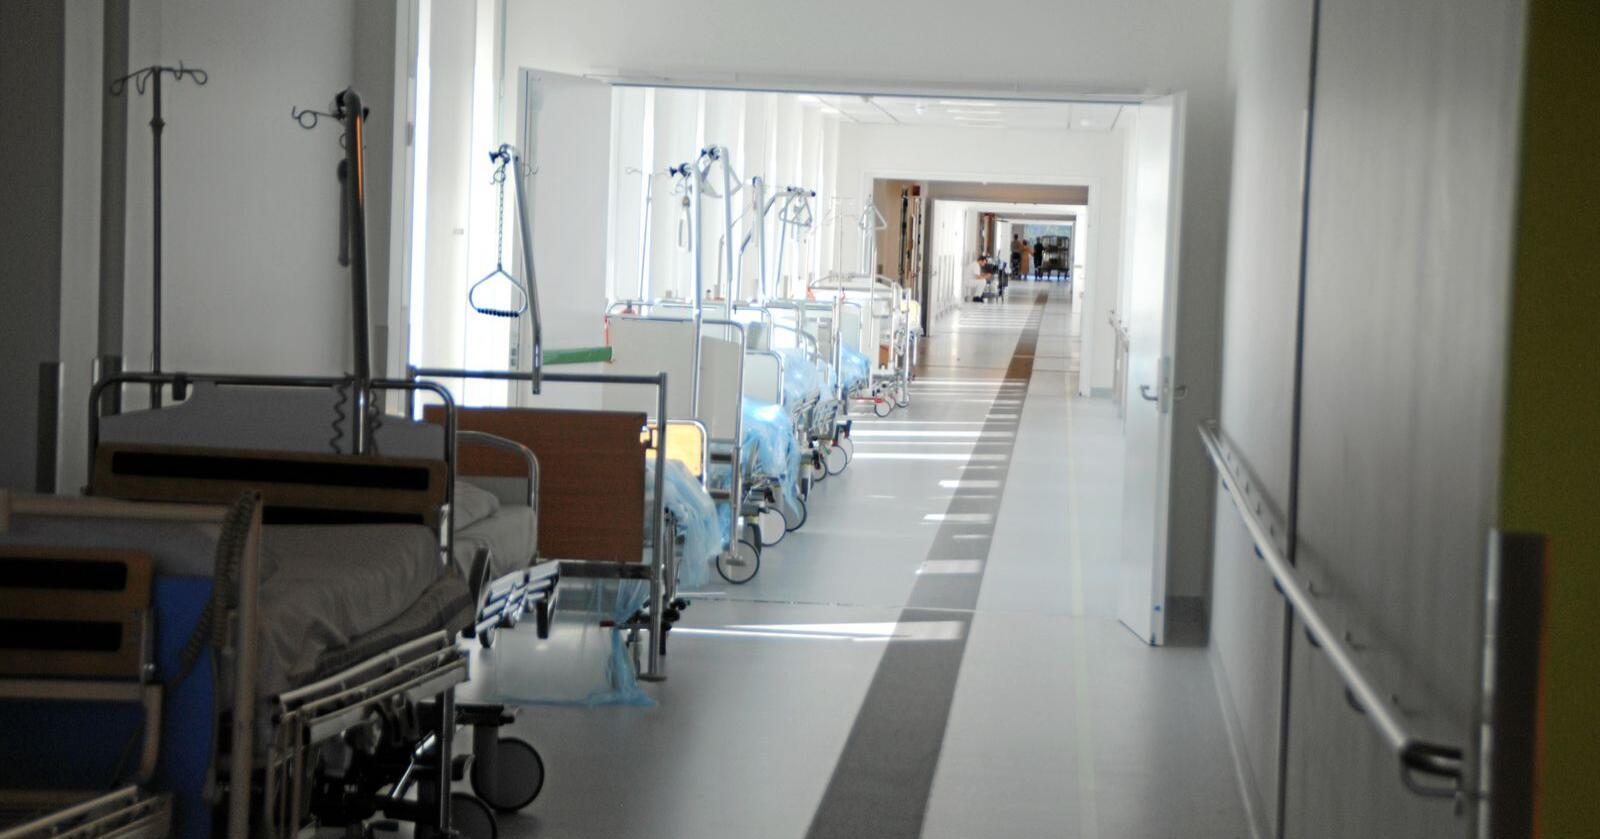 Lagring av sykehussenger i korridorene er et vanlig syn, ifølge tillitsvalgte ved Sykehuset Østfold. Foto: Lars Bilit Hagen